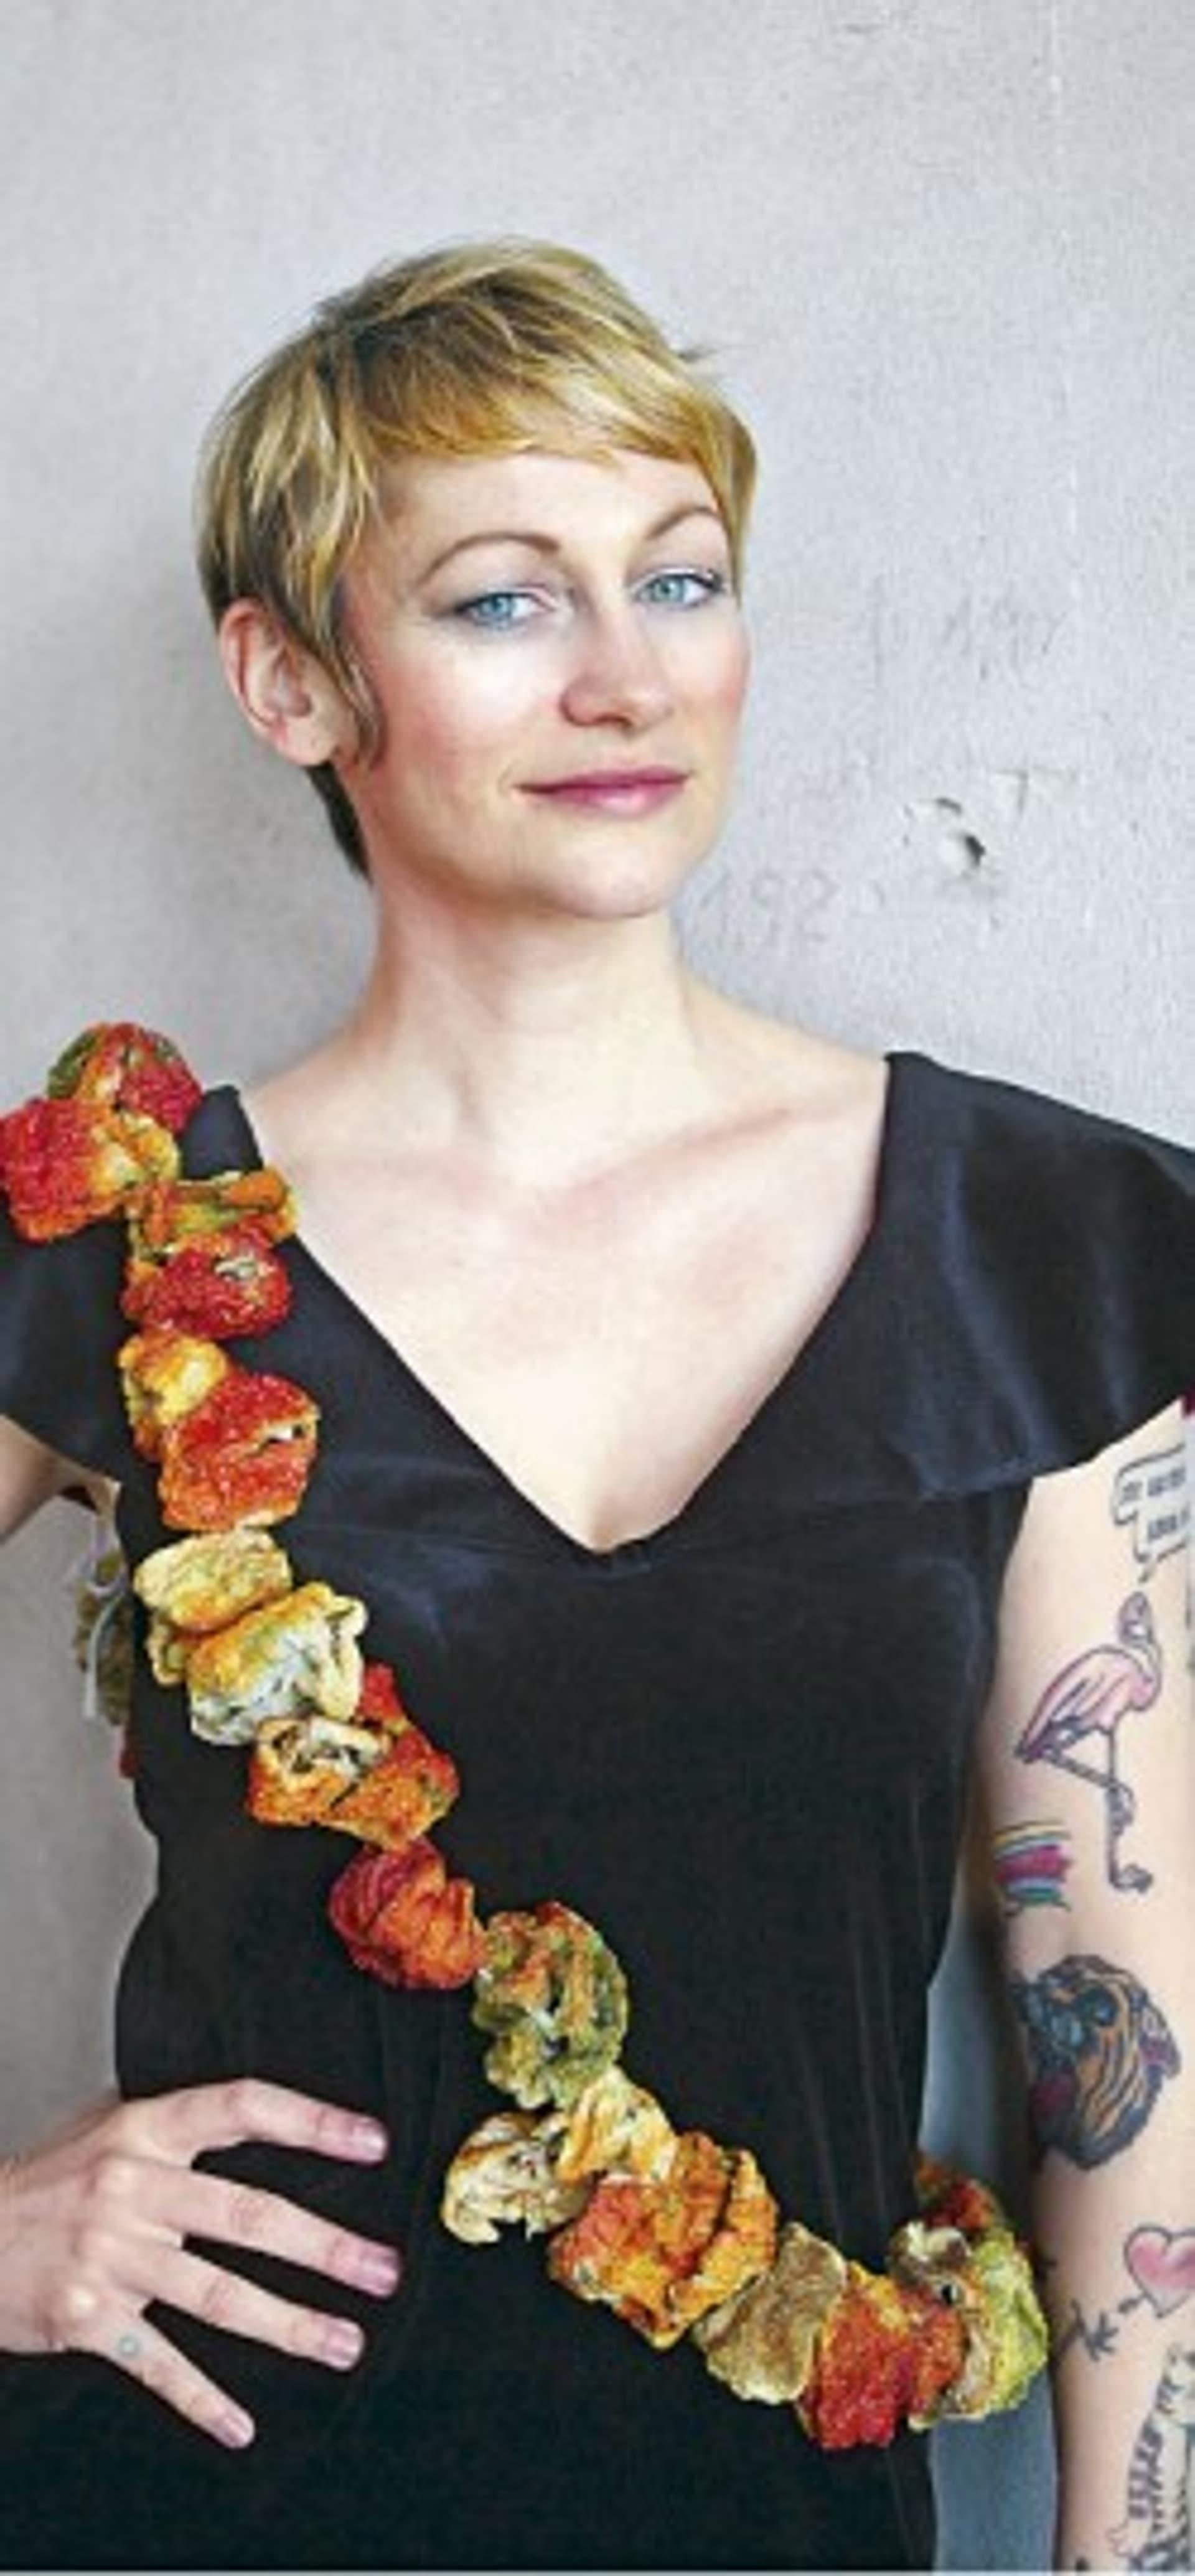 Sophia hoffmann vegan queen